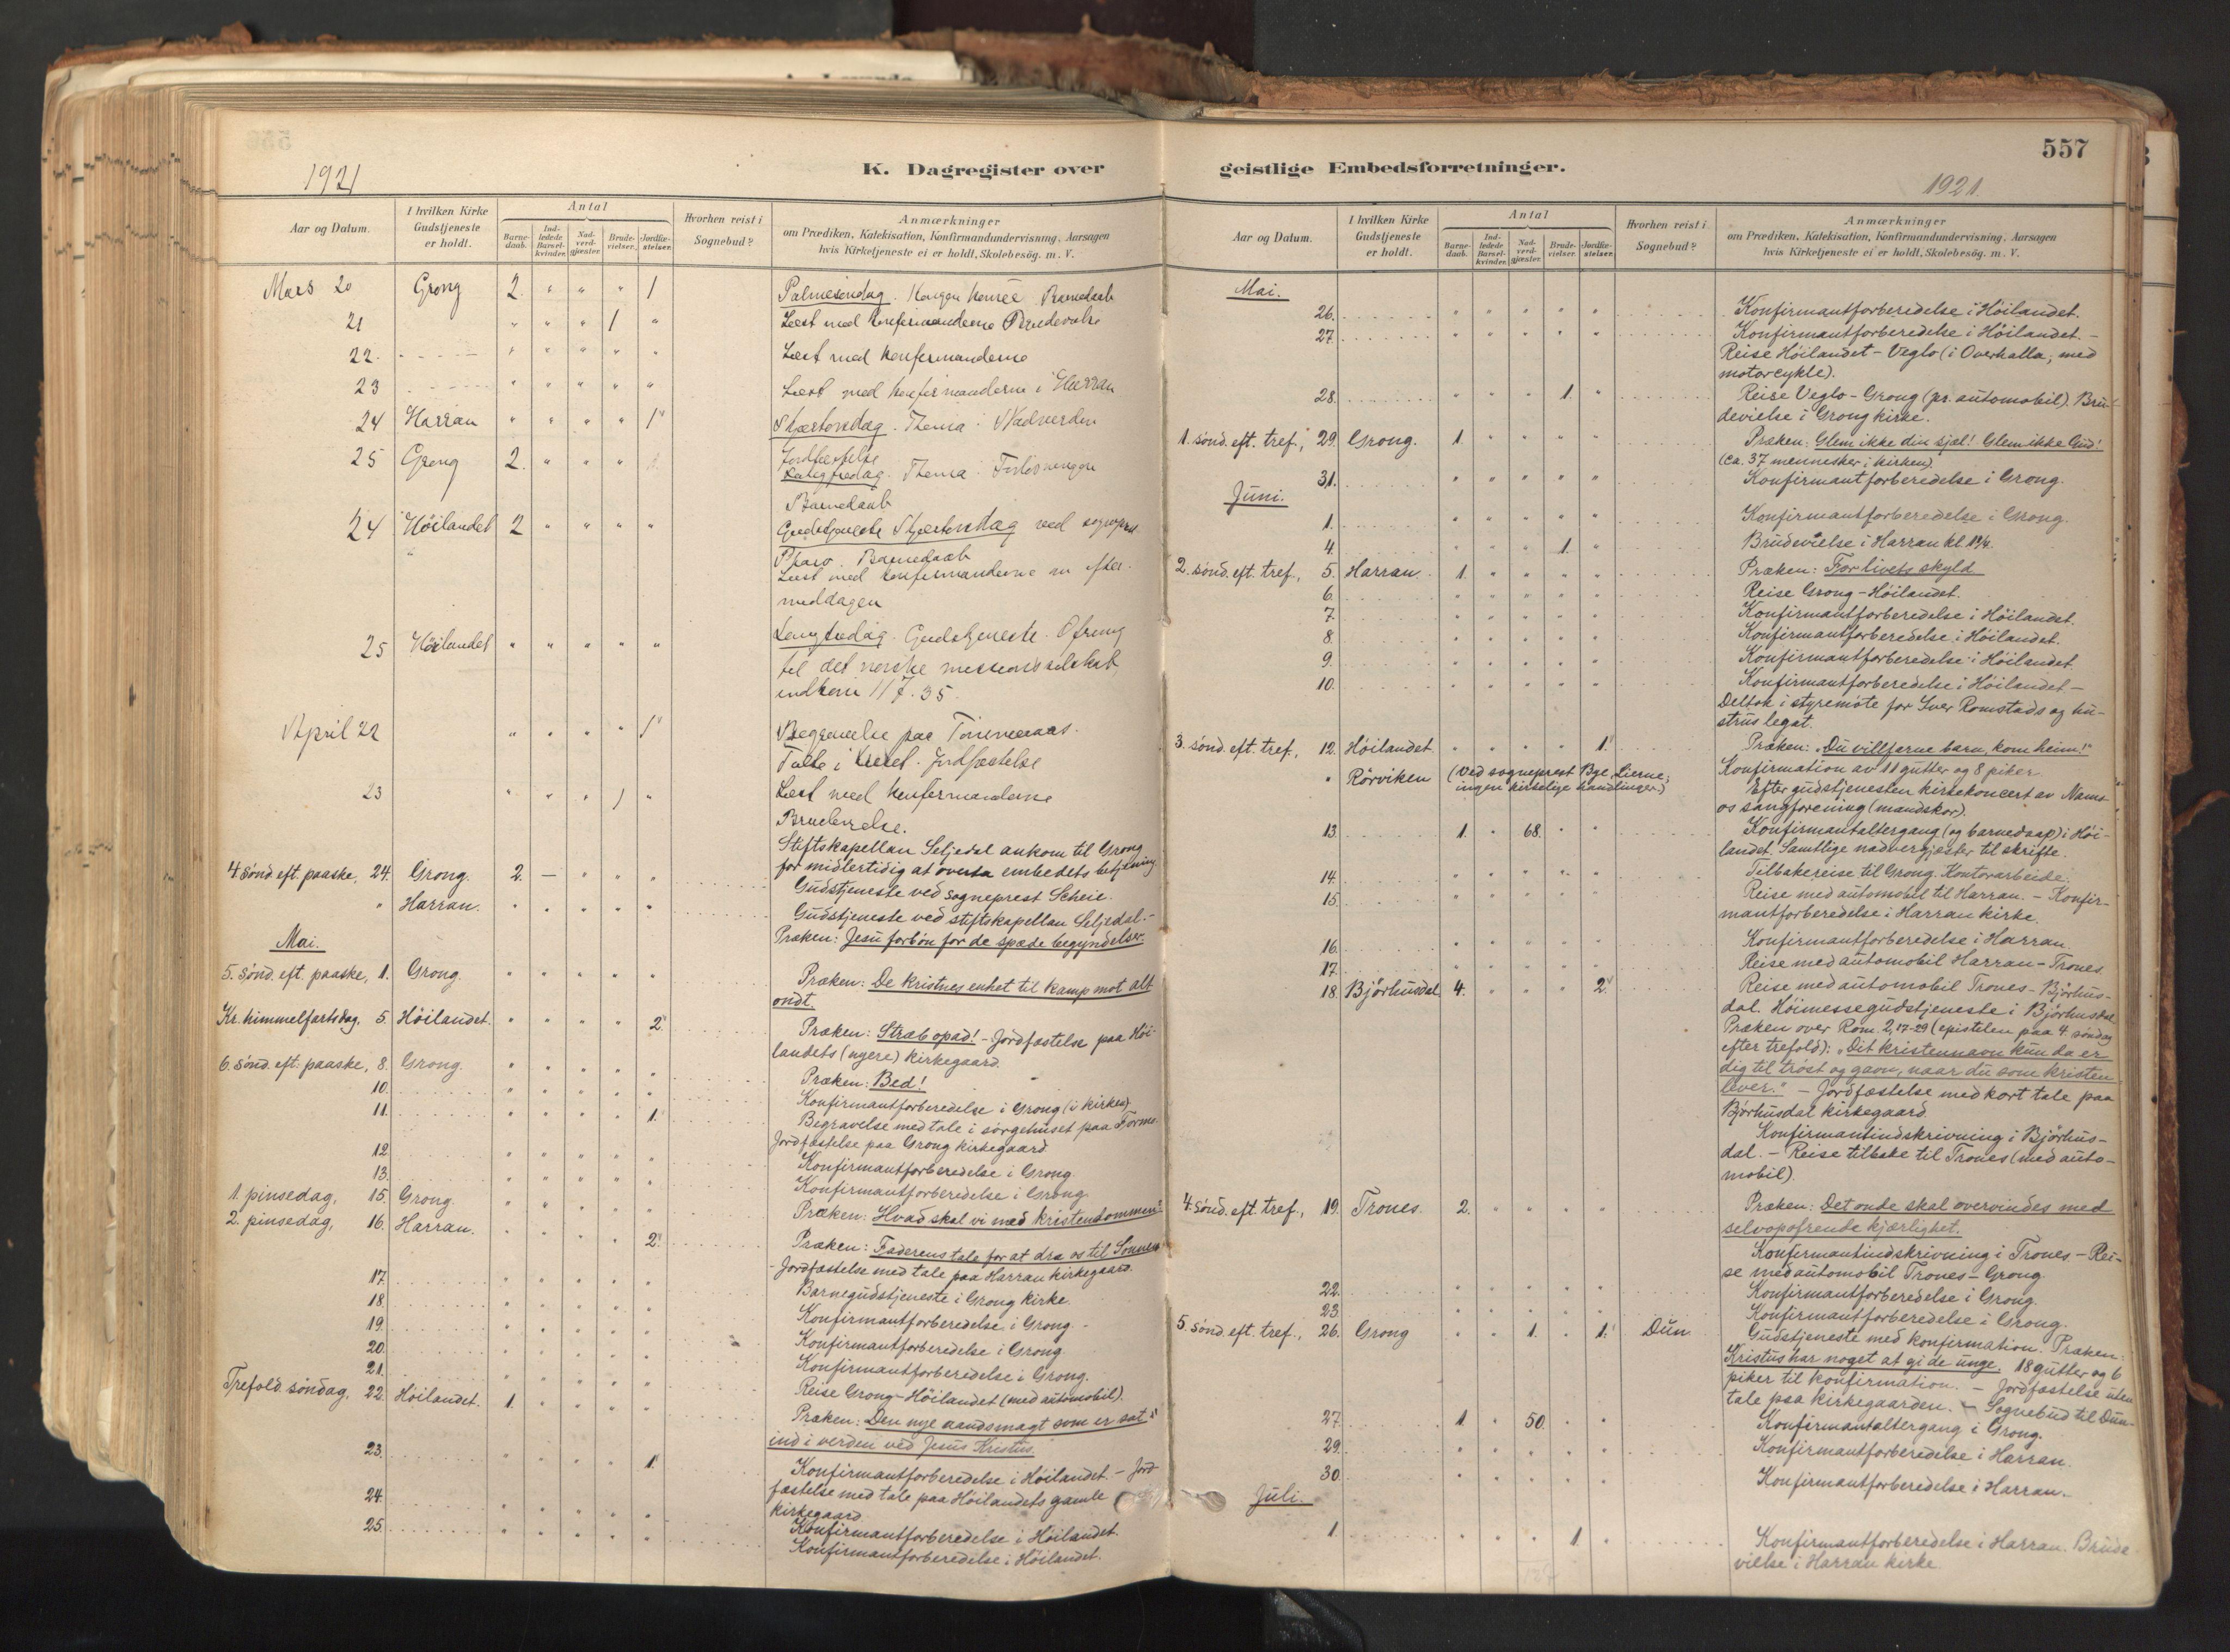 SAT, Ministerialprotokoller, klokkerbøker og fødselsregistre - Nord-Trøndelag, 758/L0519: Ministerialbok nr. 758A04, 1880-1926, s. 557